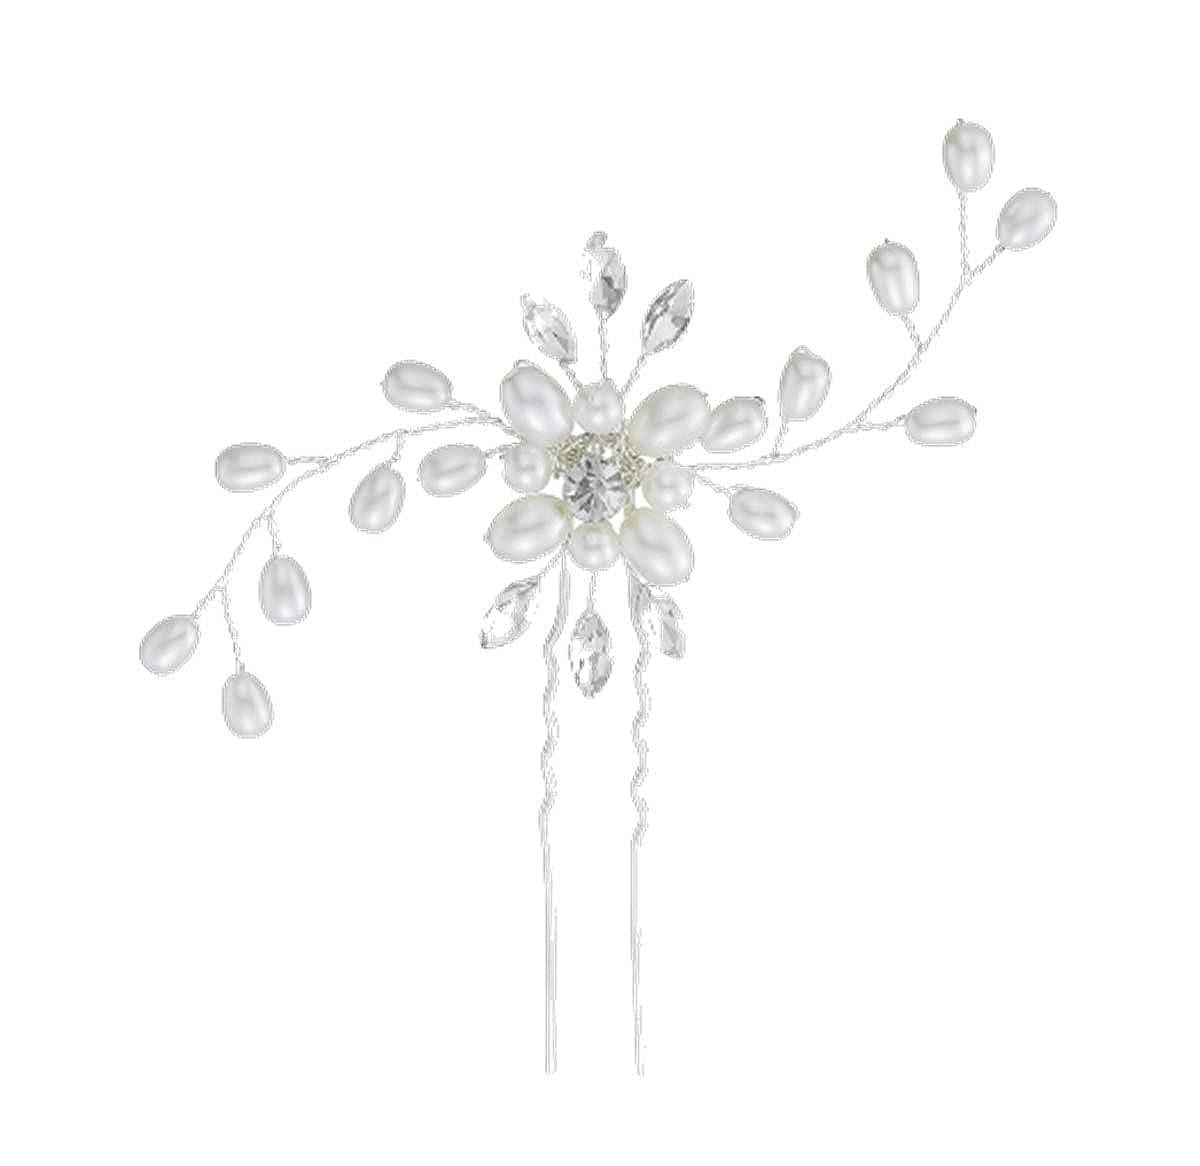 Elegante Diadem Luxus Kristall Strass Tiara Stirnband Hochzeit Pary Haarschmuck